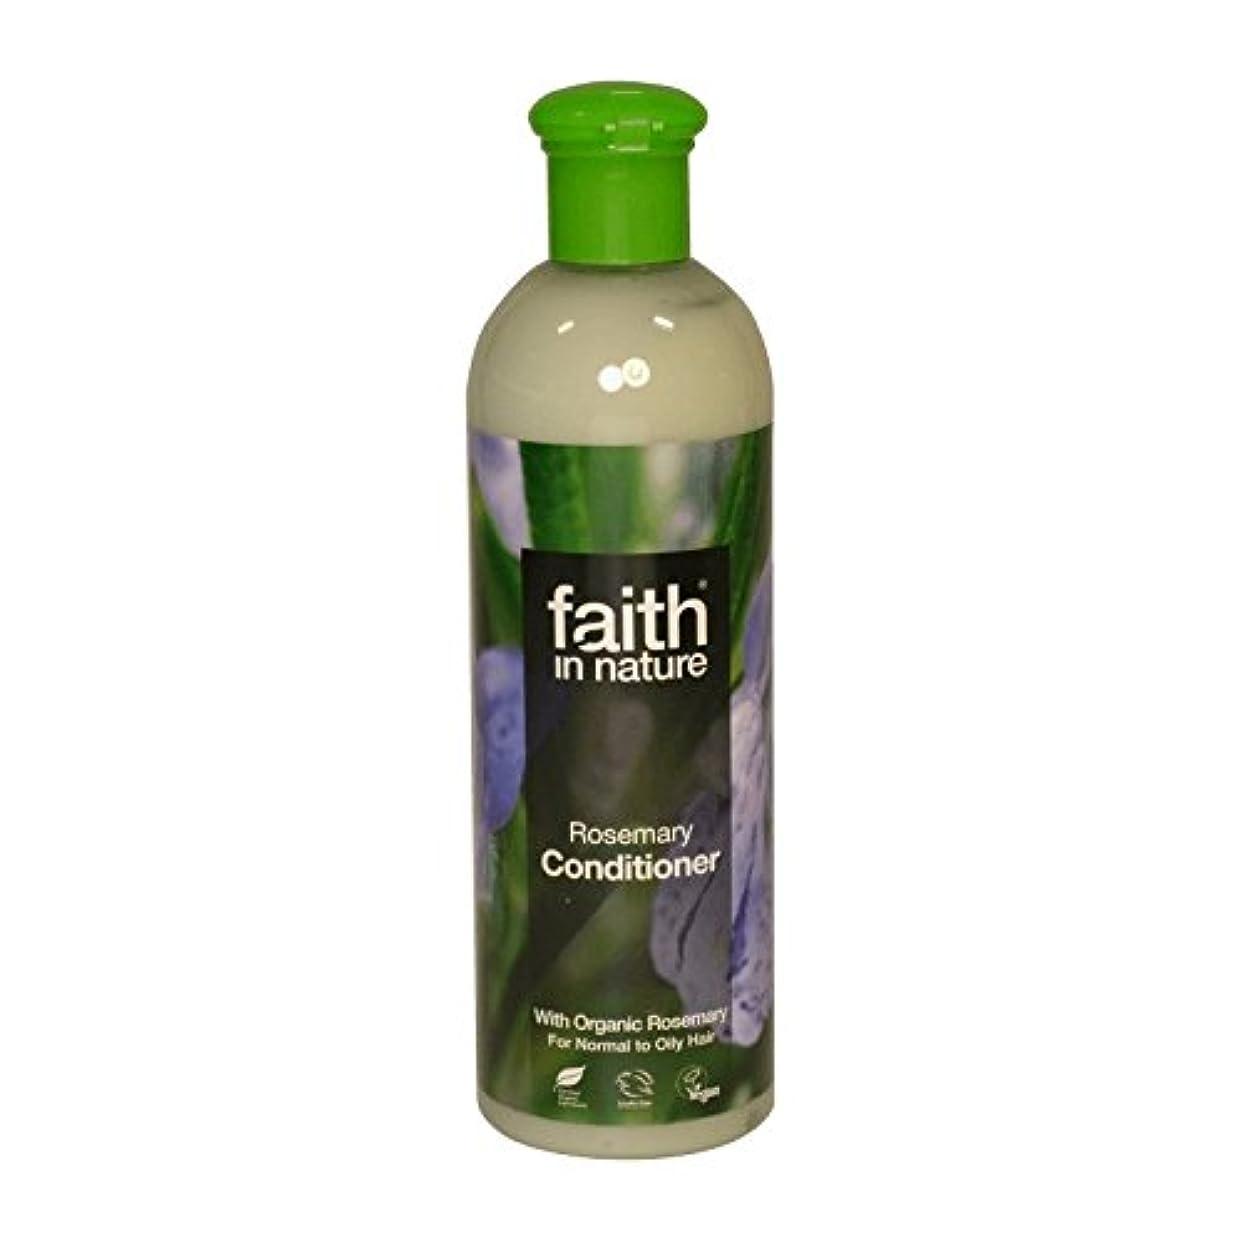 なめらか乱すオークション自然ローズマリーコンディショナー400ミリリットルの信仰 - Faith in Nature Rosemary Conditioner 400ml (Faith in Nature) [並行輸入品]